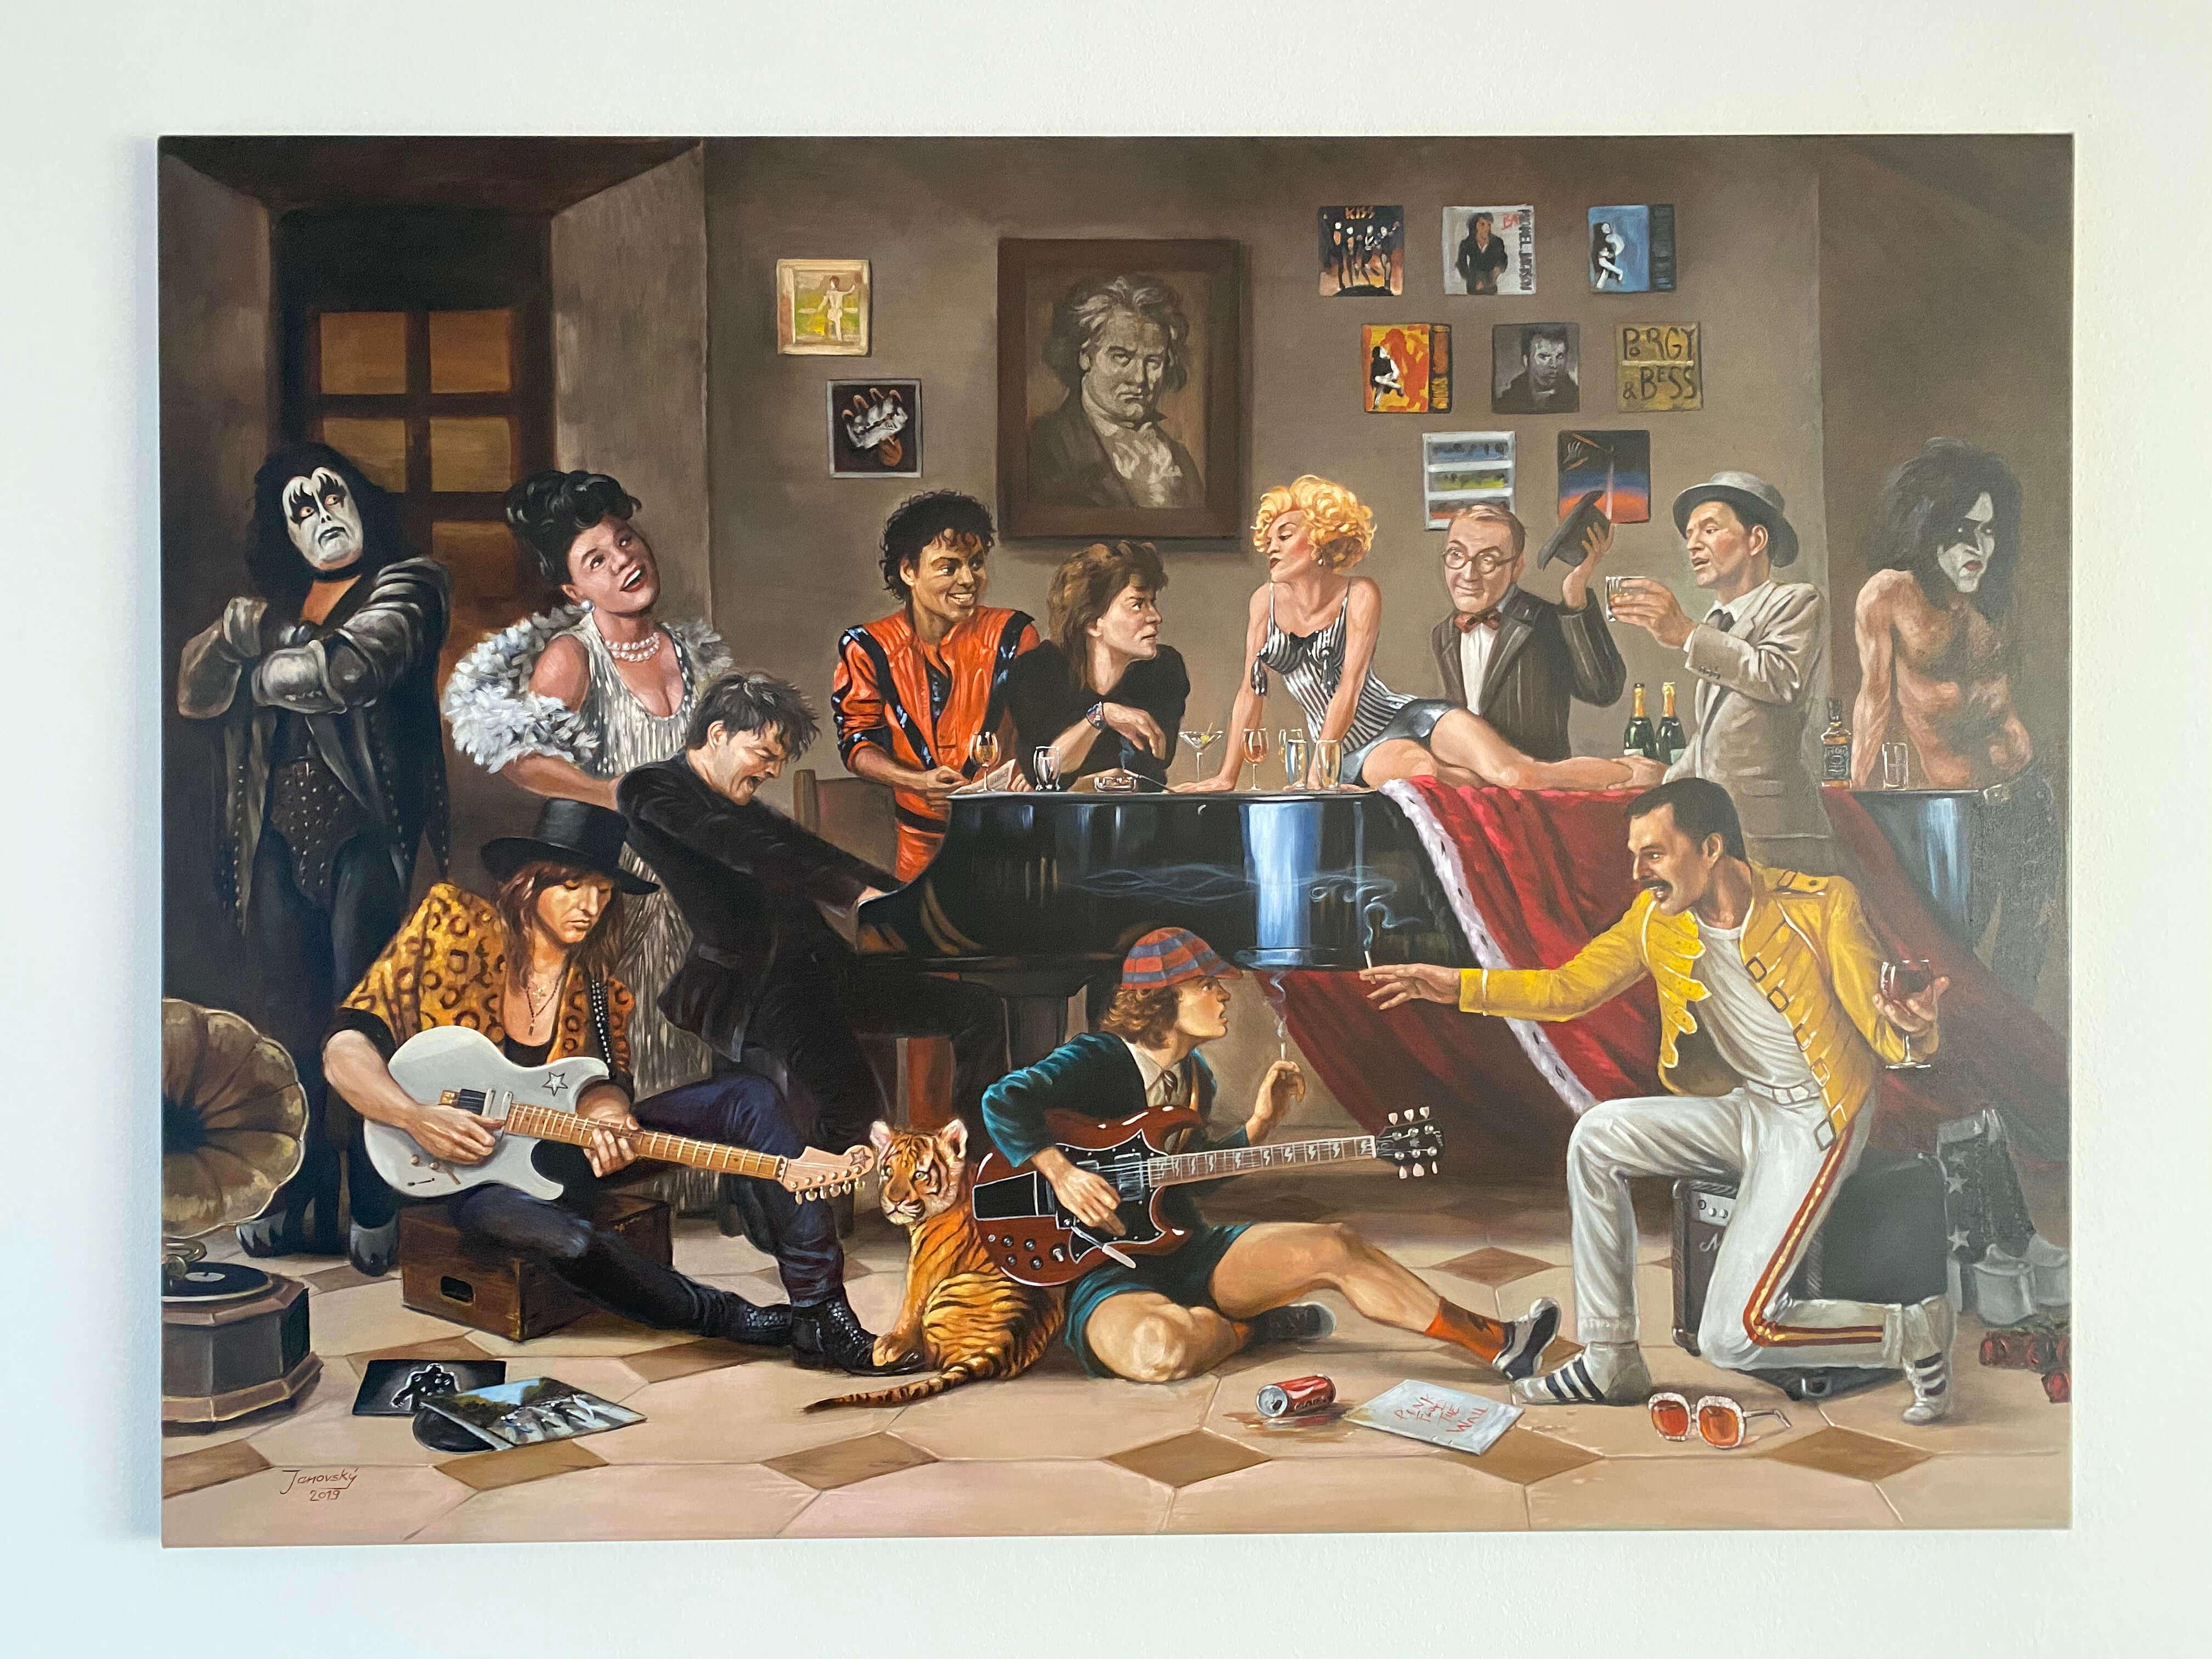 Marthy: česká hudba, hudebník, zpěvák, skladatel, textař, multiinstrumentalista - obraz  - Hudba jako inspirace